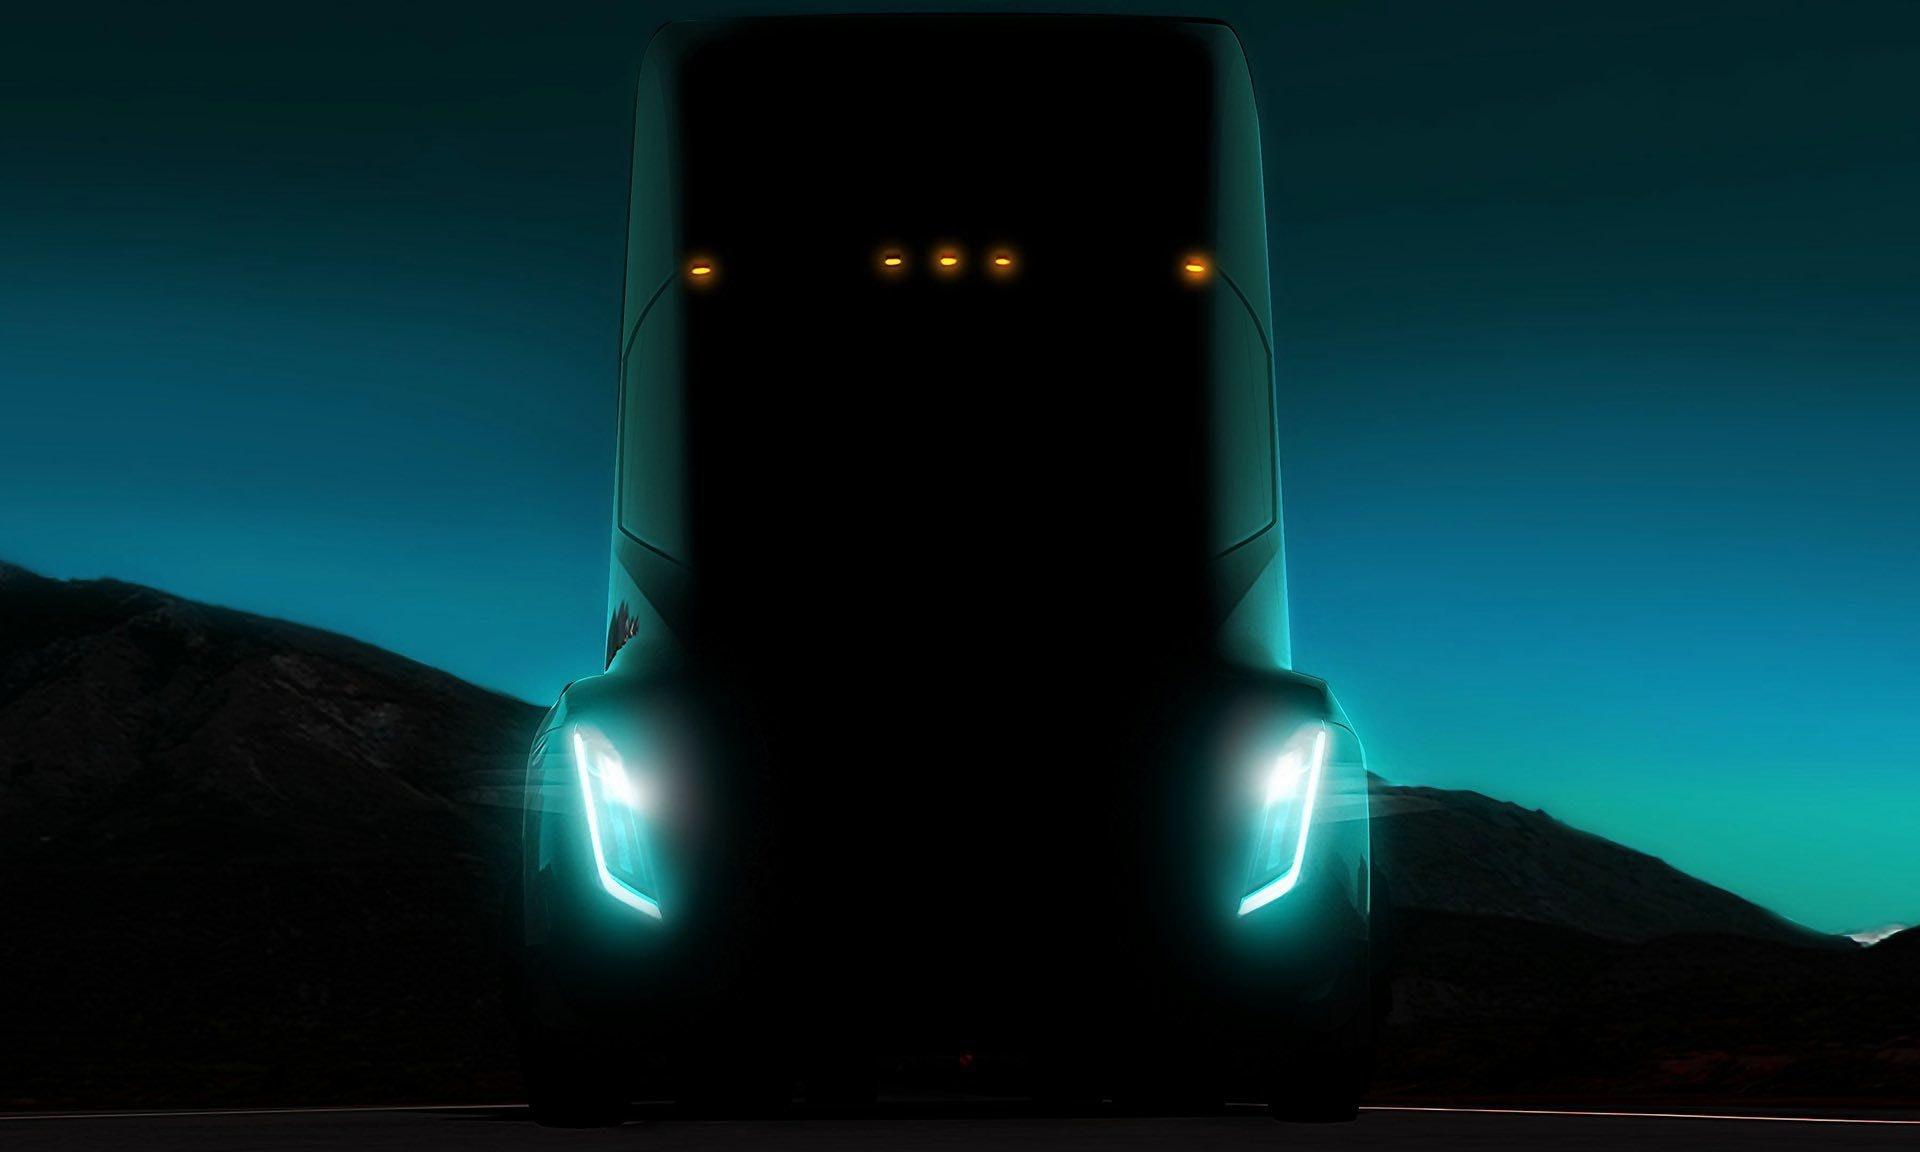 Tesla Semi promotional image